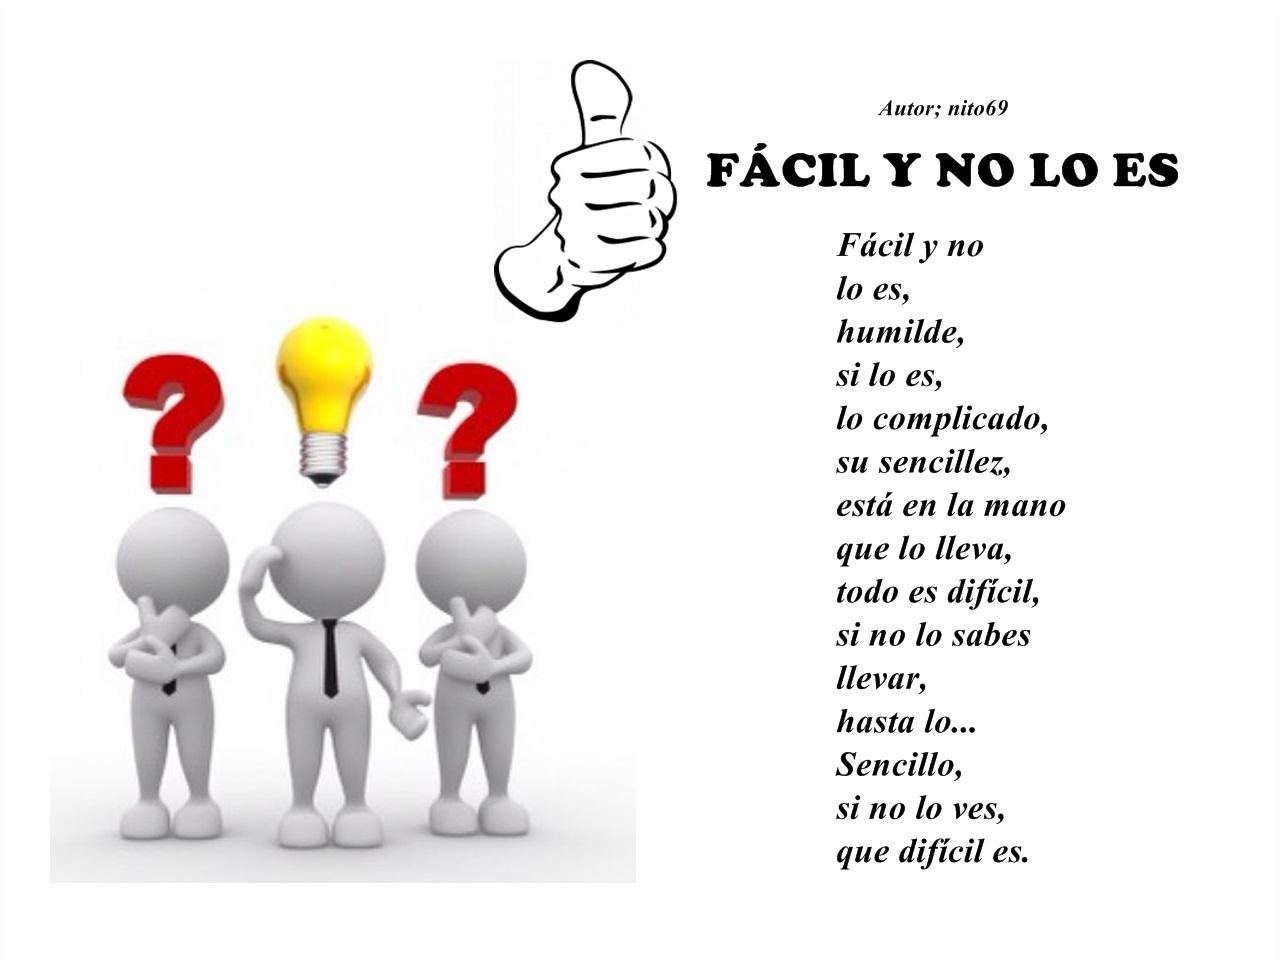 FÁCIL Y NO LO ES